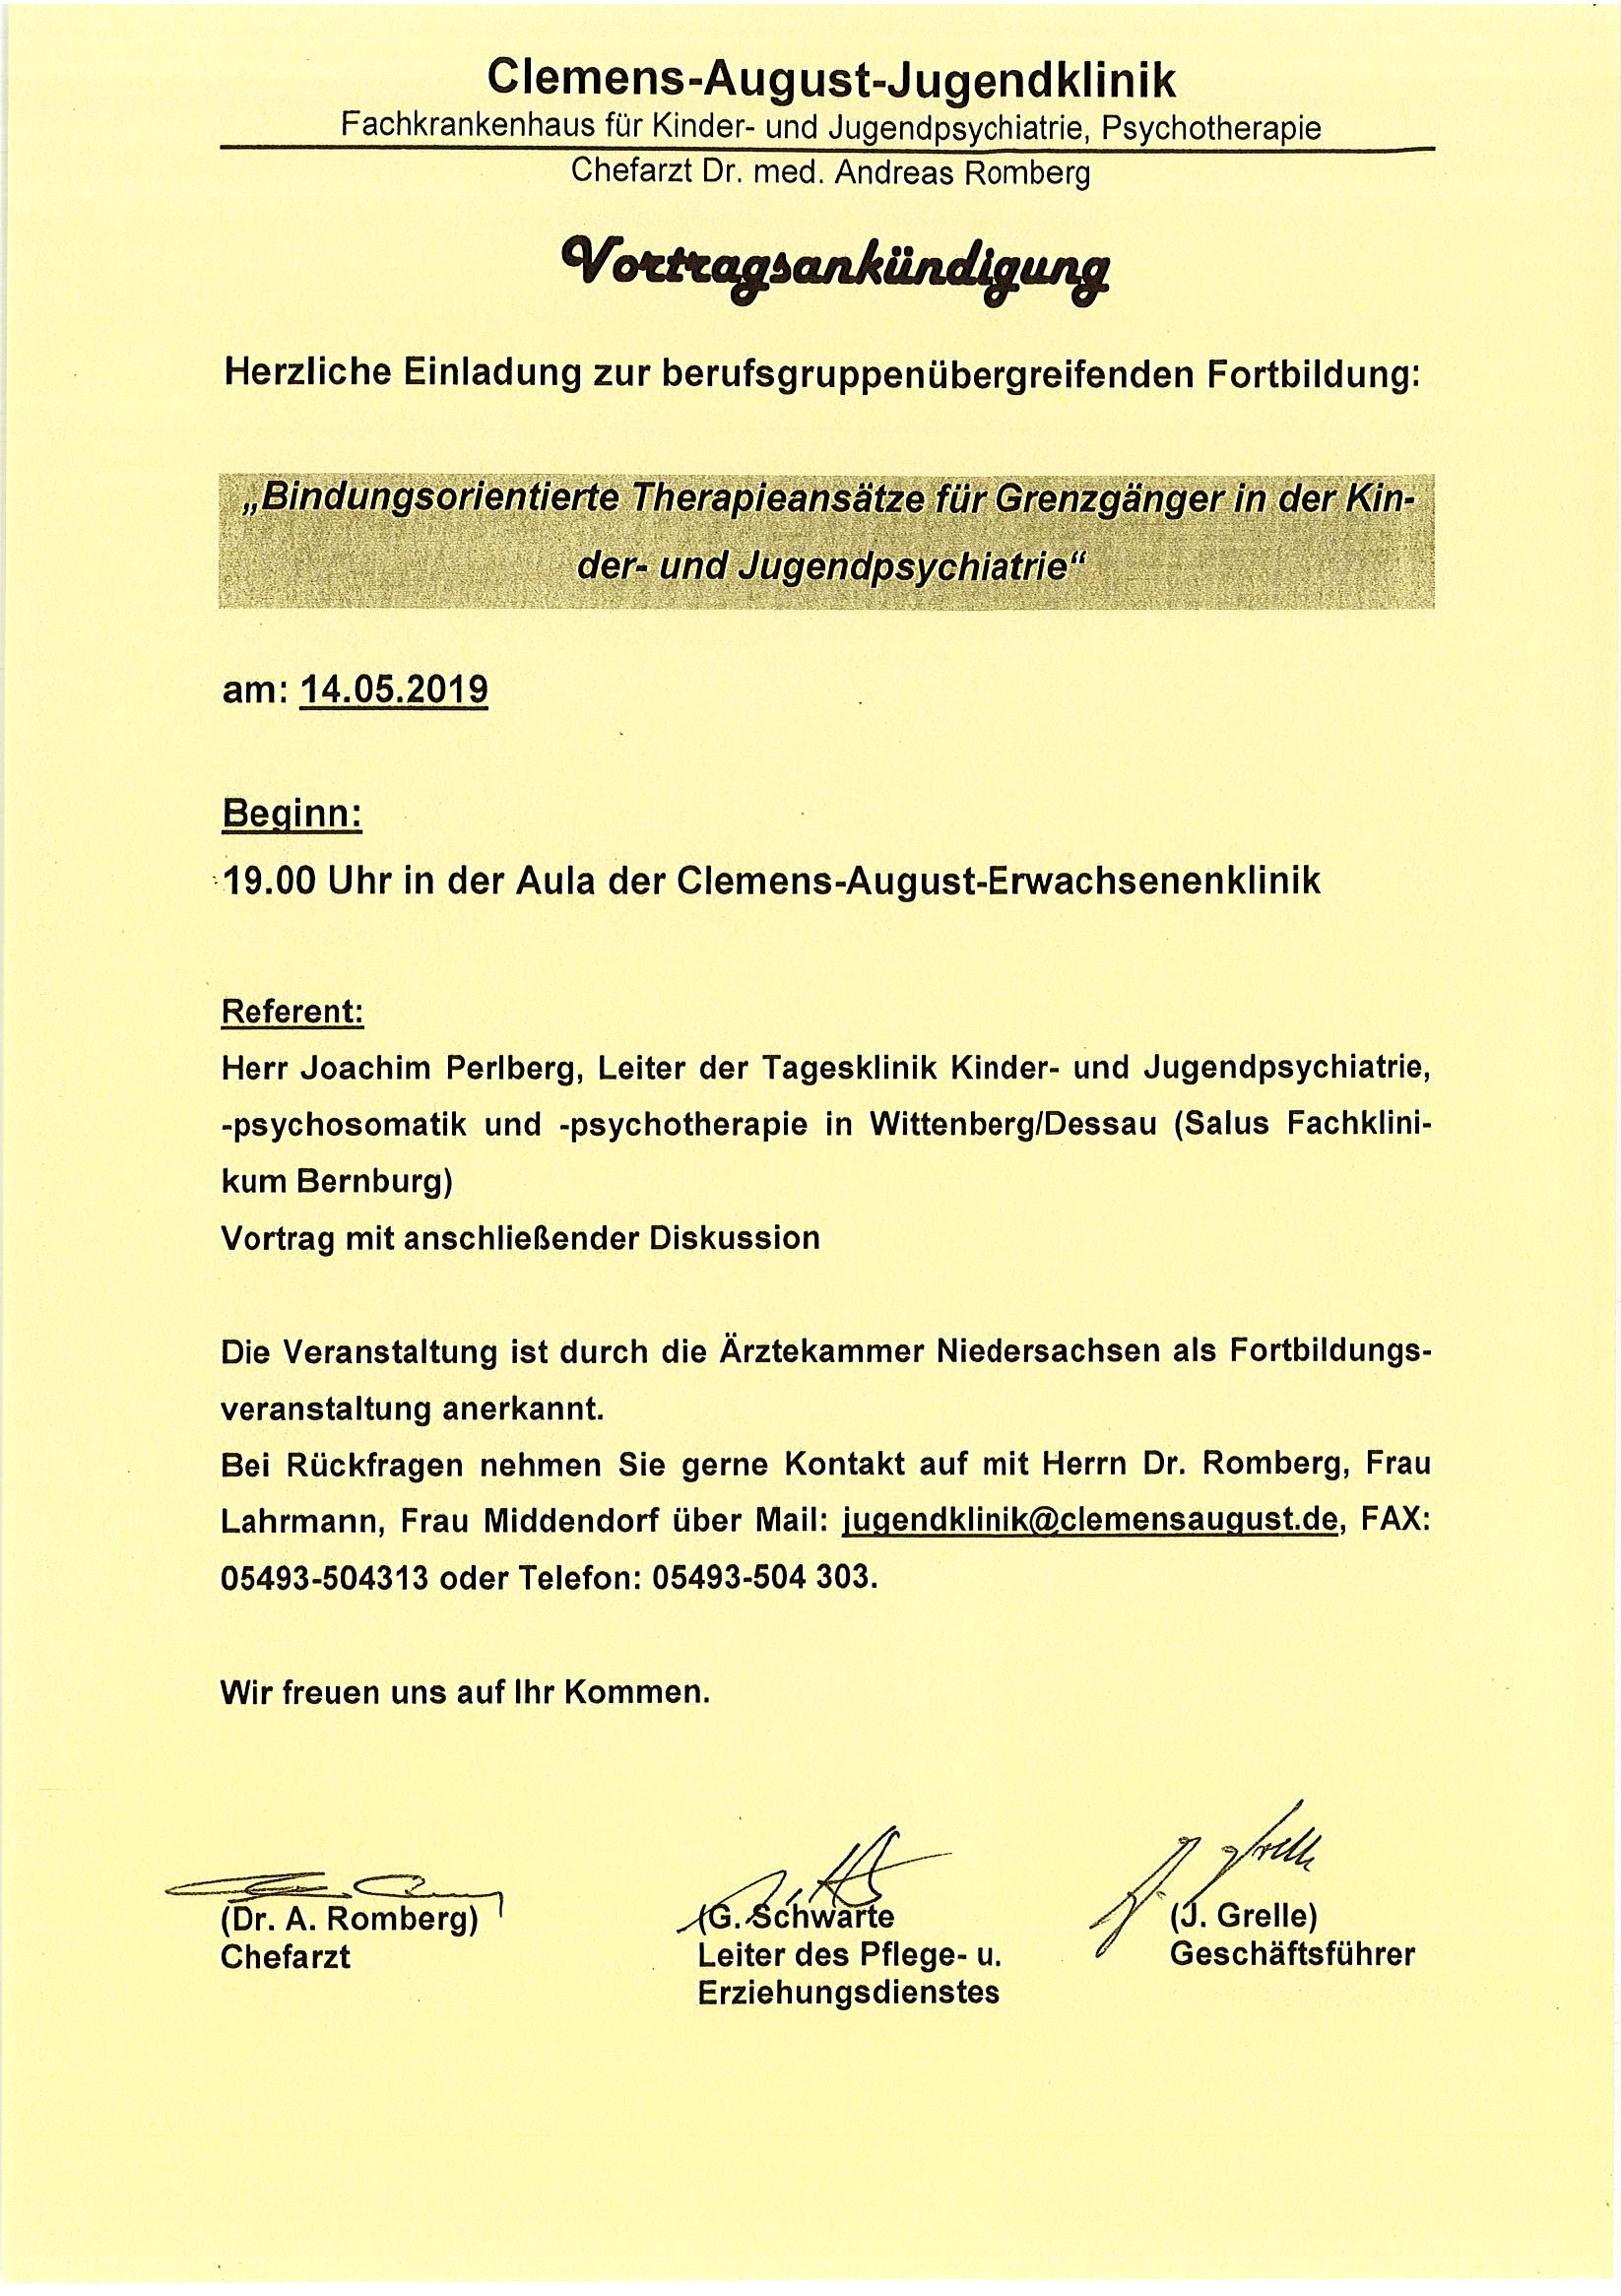 Vortragsankündigung: Bindungsorientierte Therapieansätze für Grenzgängerin der Kinder- und Jugendpsychatrie